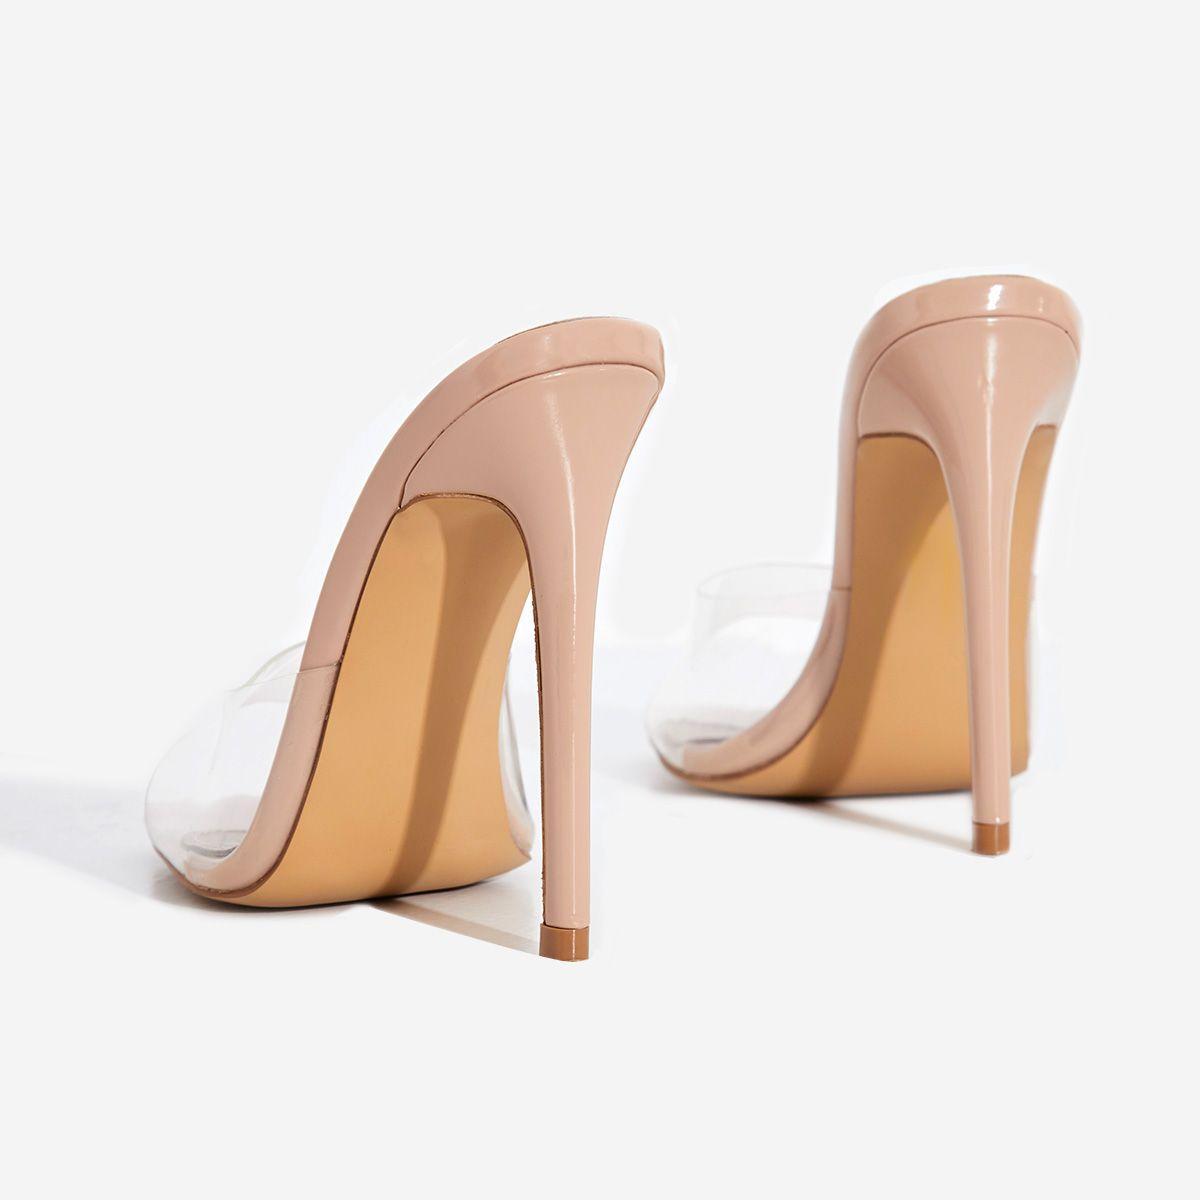 Cyan Square Toe Clear Perspex Peep Toe Heel Mule In Nude Patent Image 4